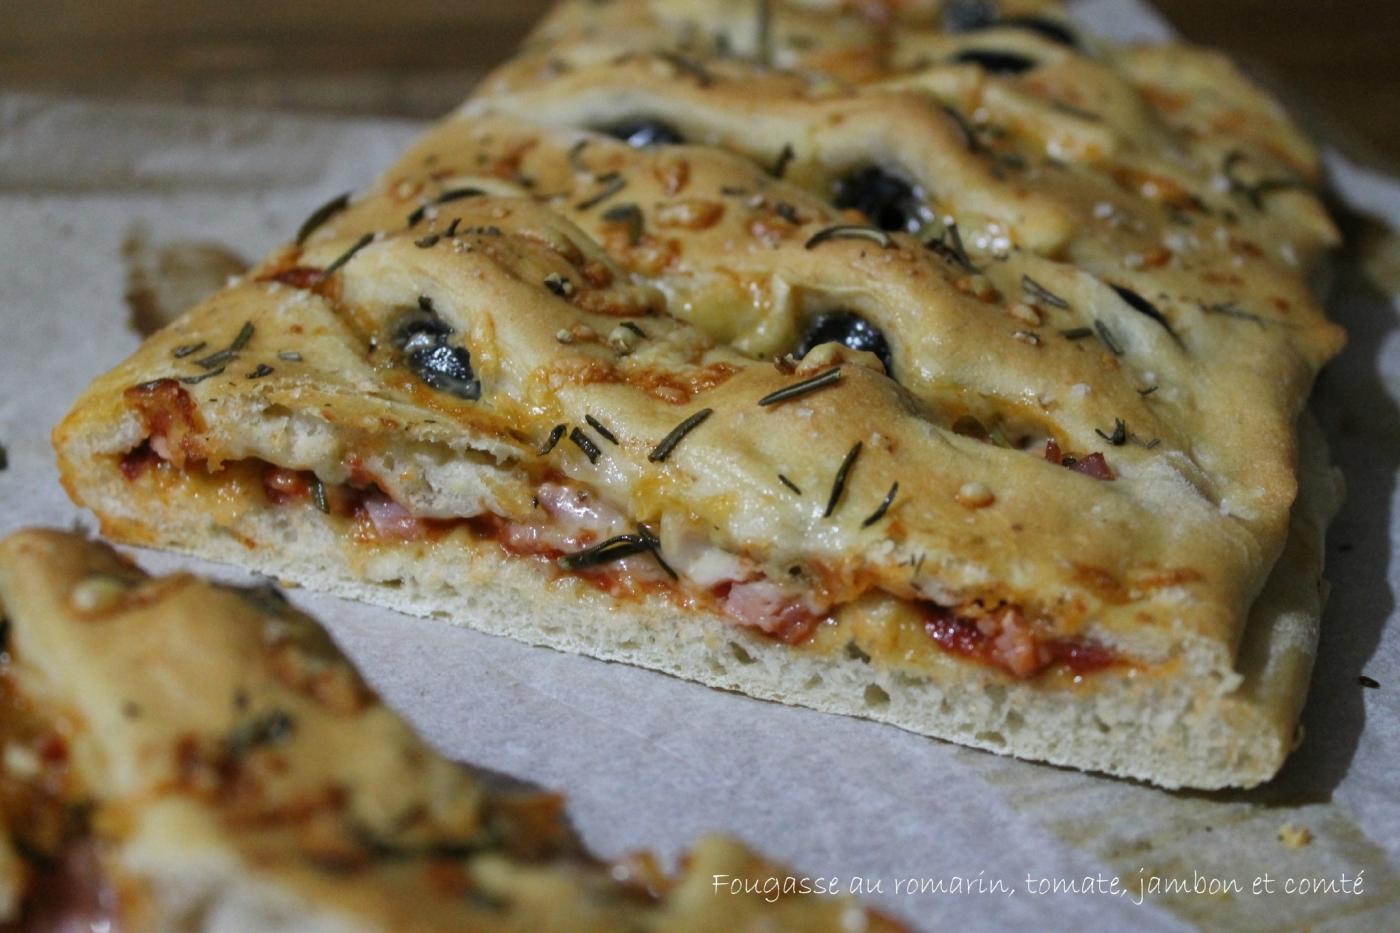 Fougasse rapide la tomate au romarin au jambon et au comt nana et chocolat - Recettes rapides 10 a 15 minutes maxi ...